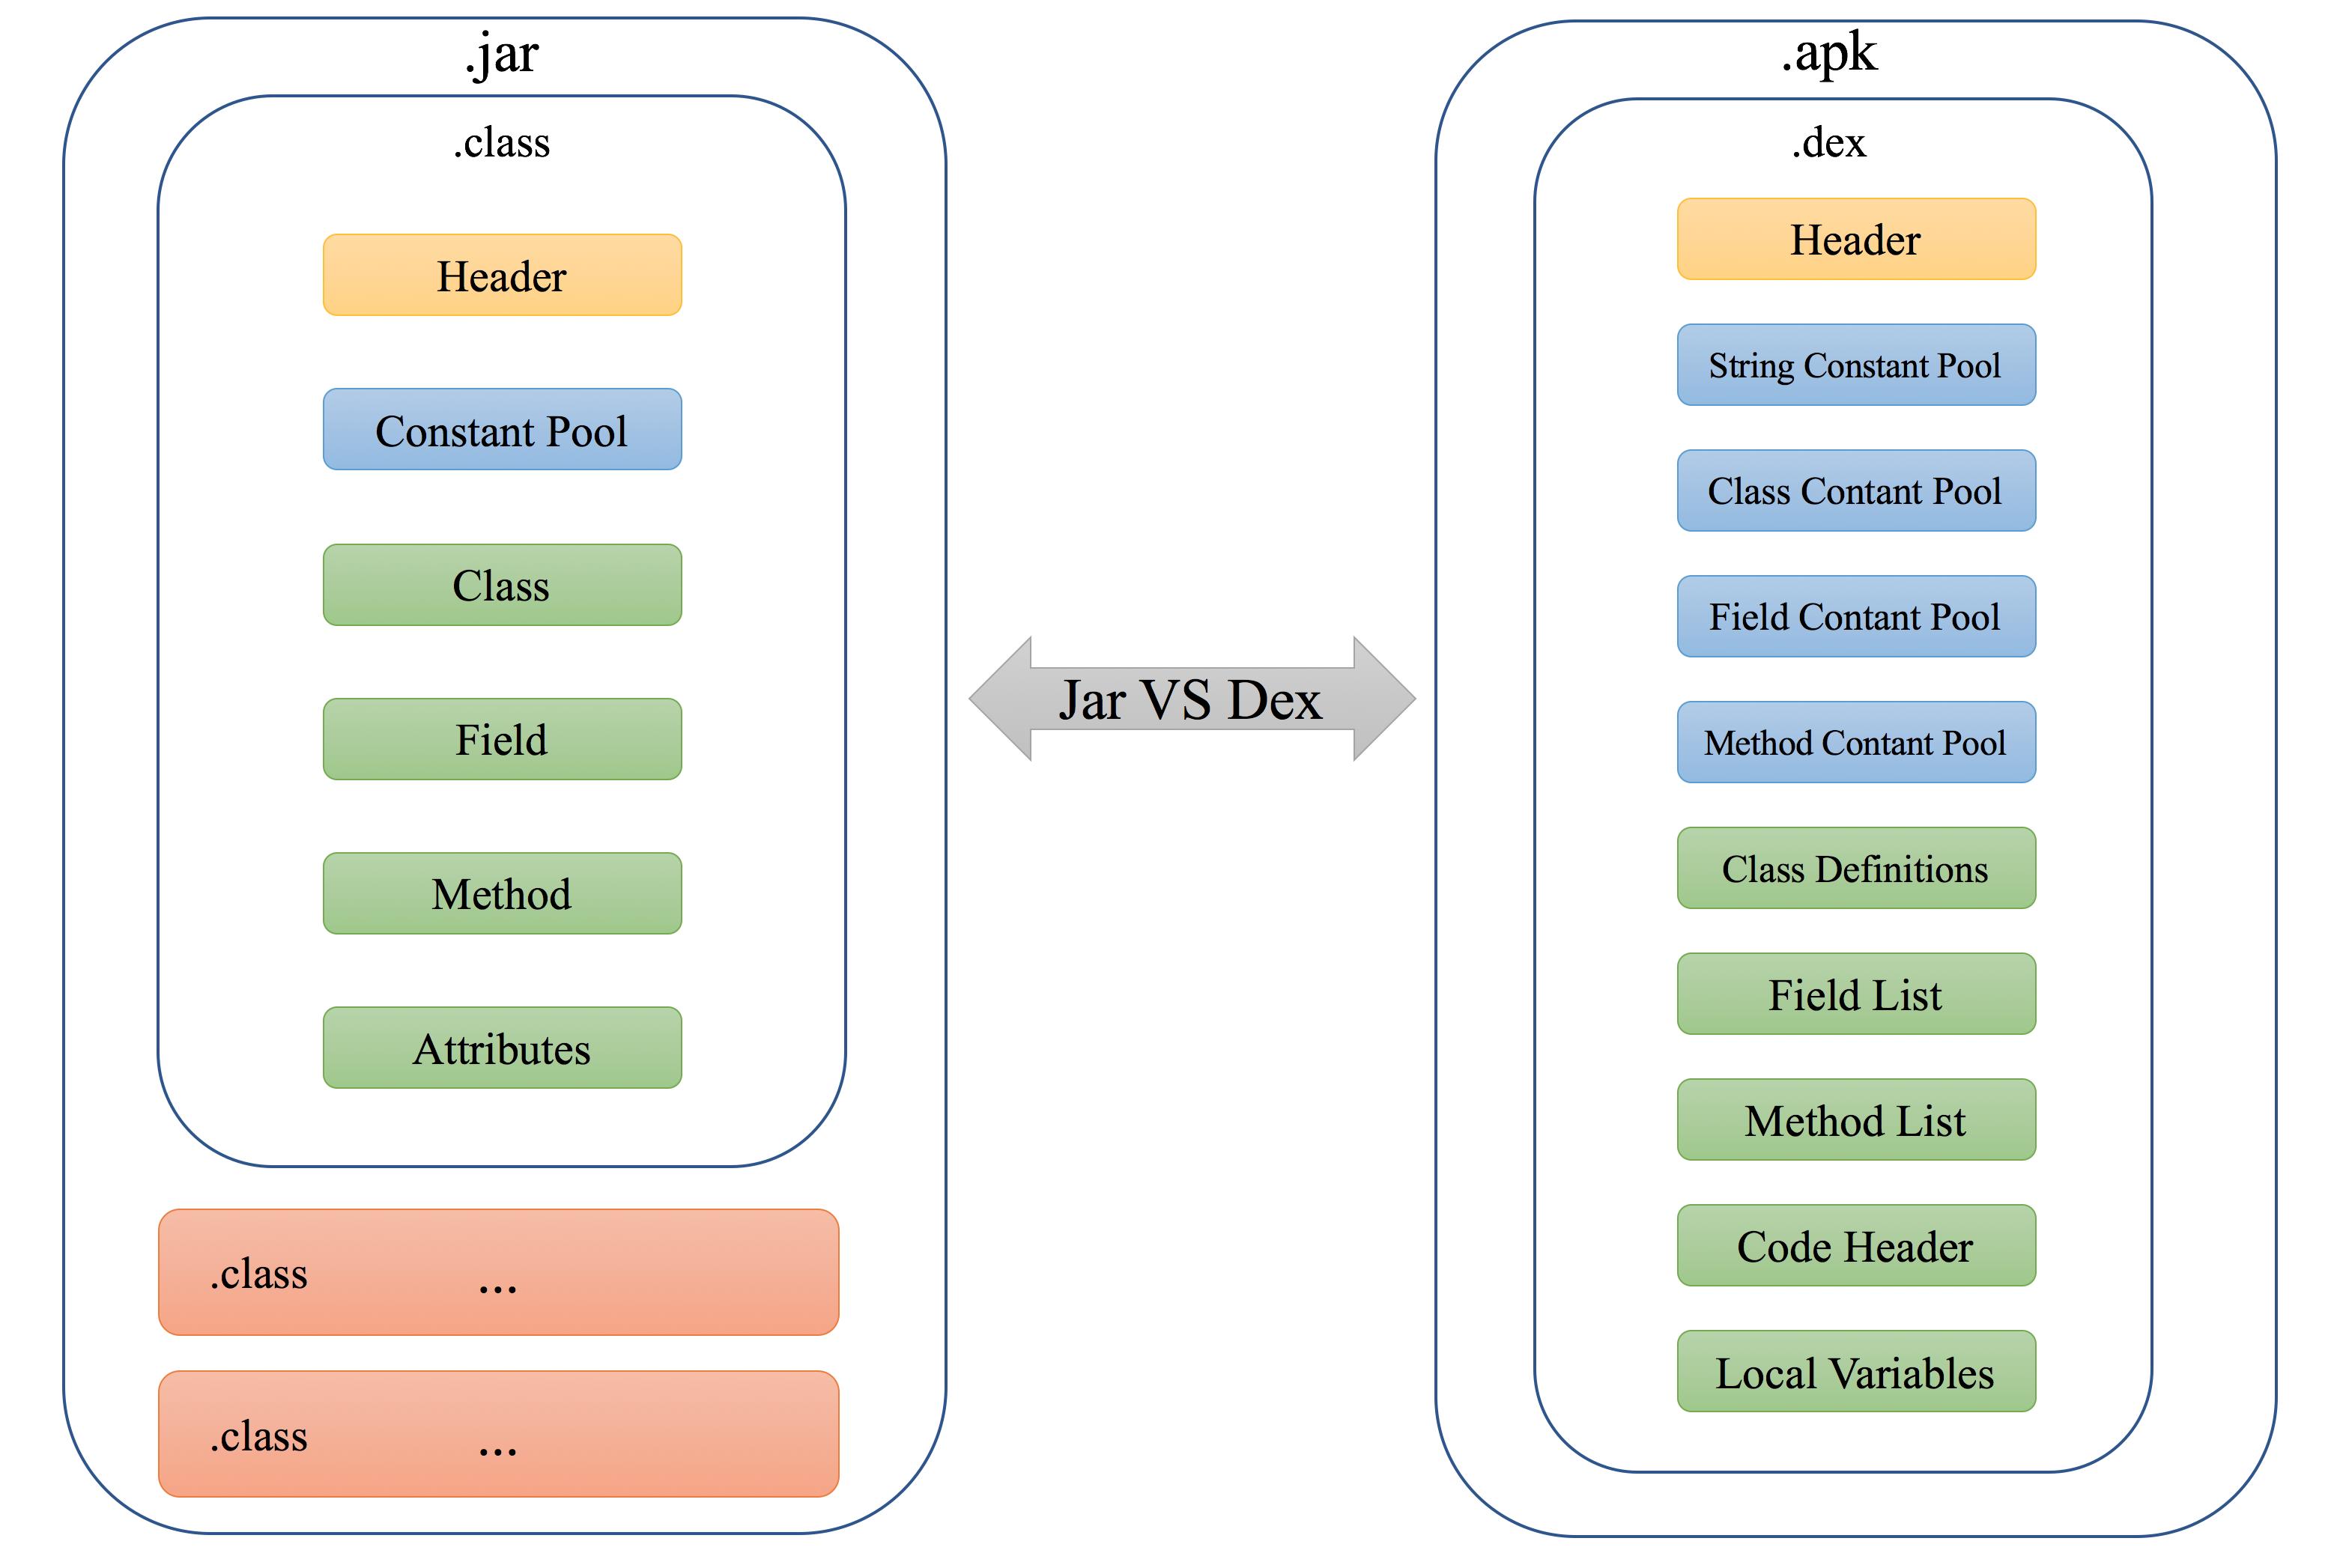 jar_vs_dex.png